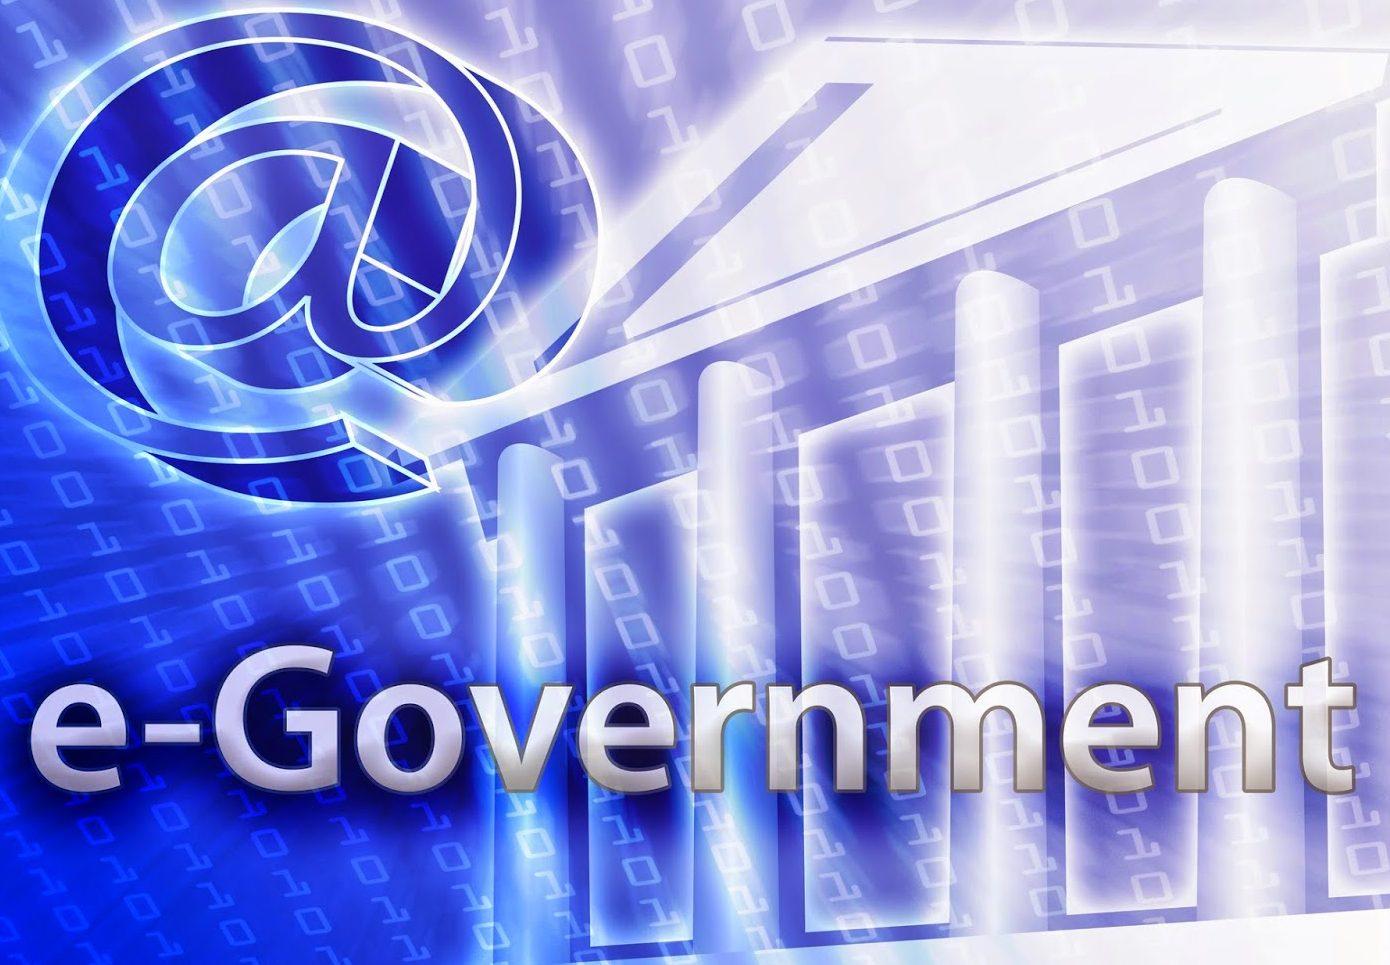 E-Government in Digital Era - Practice and Development